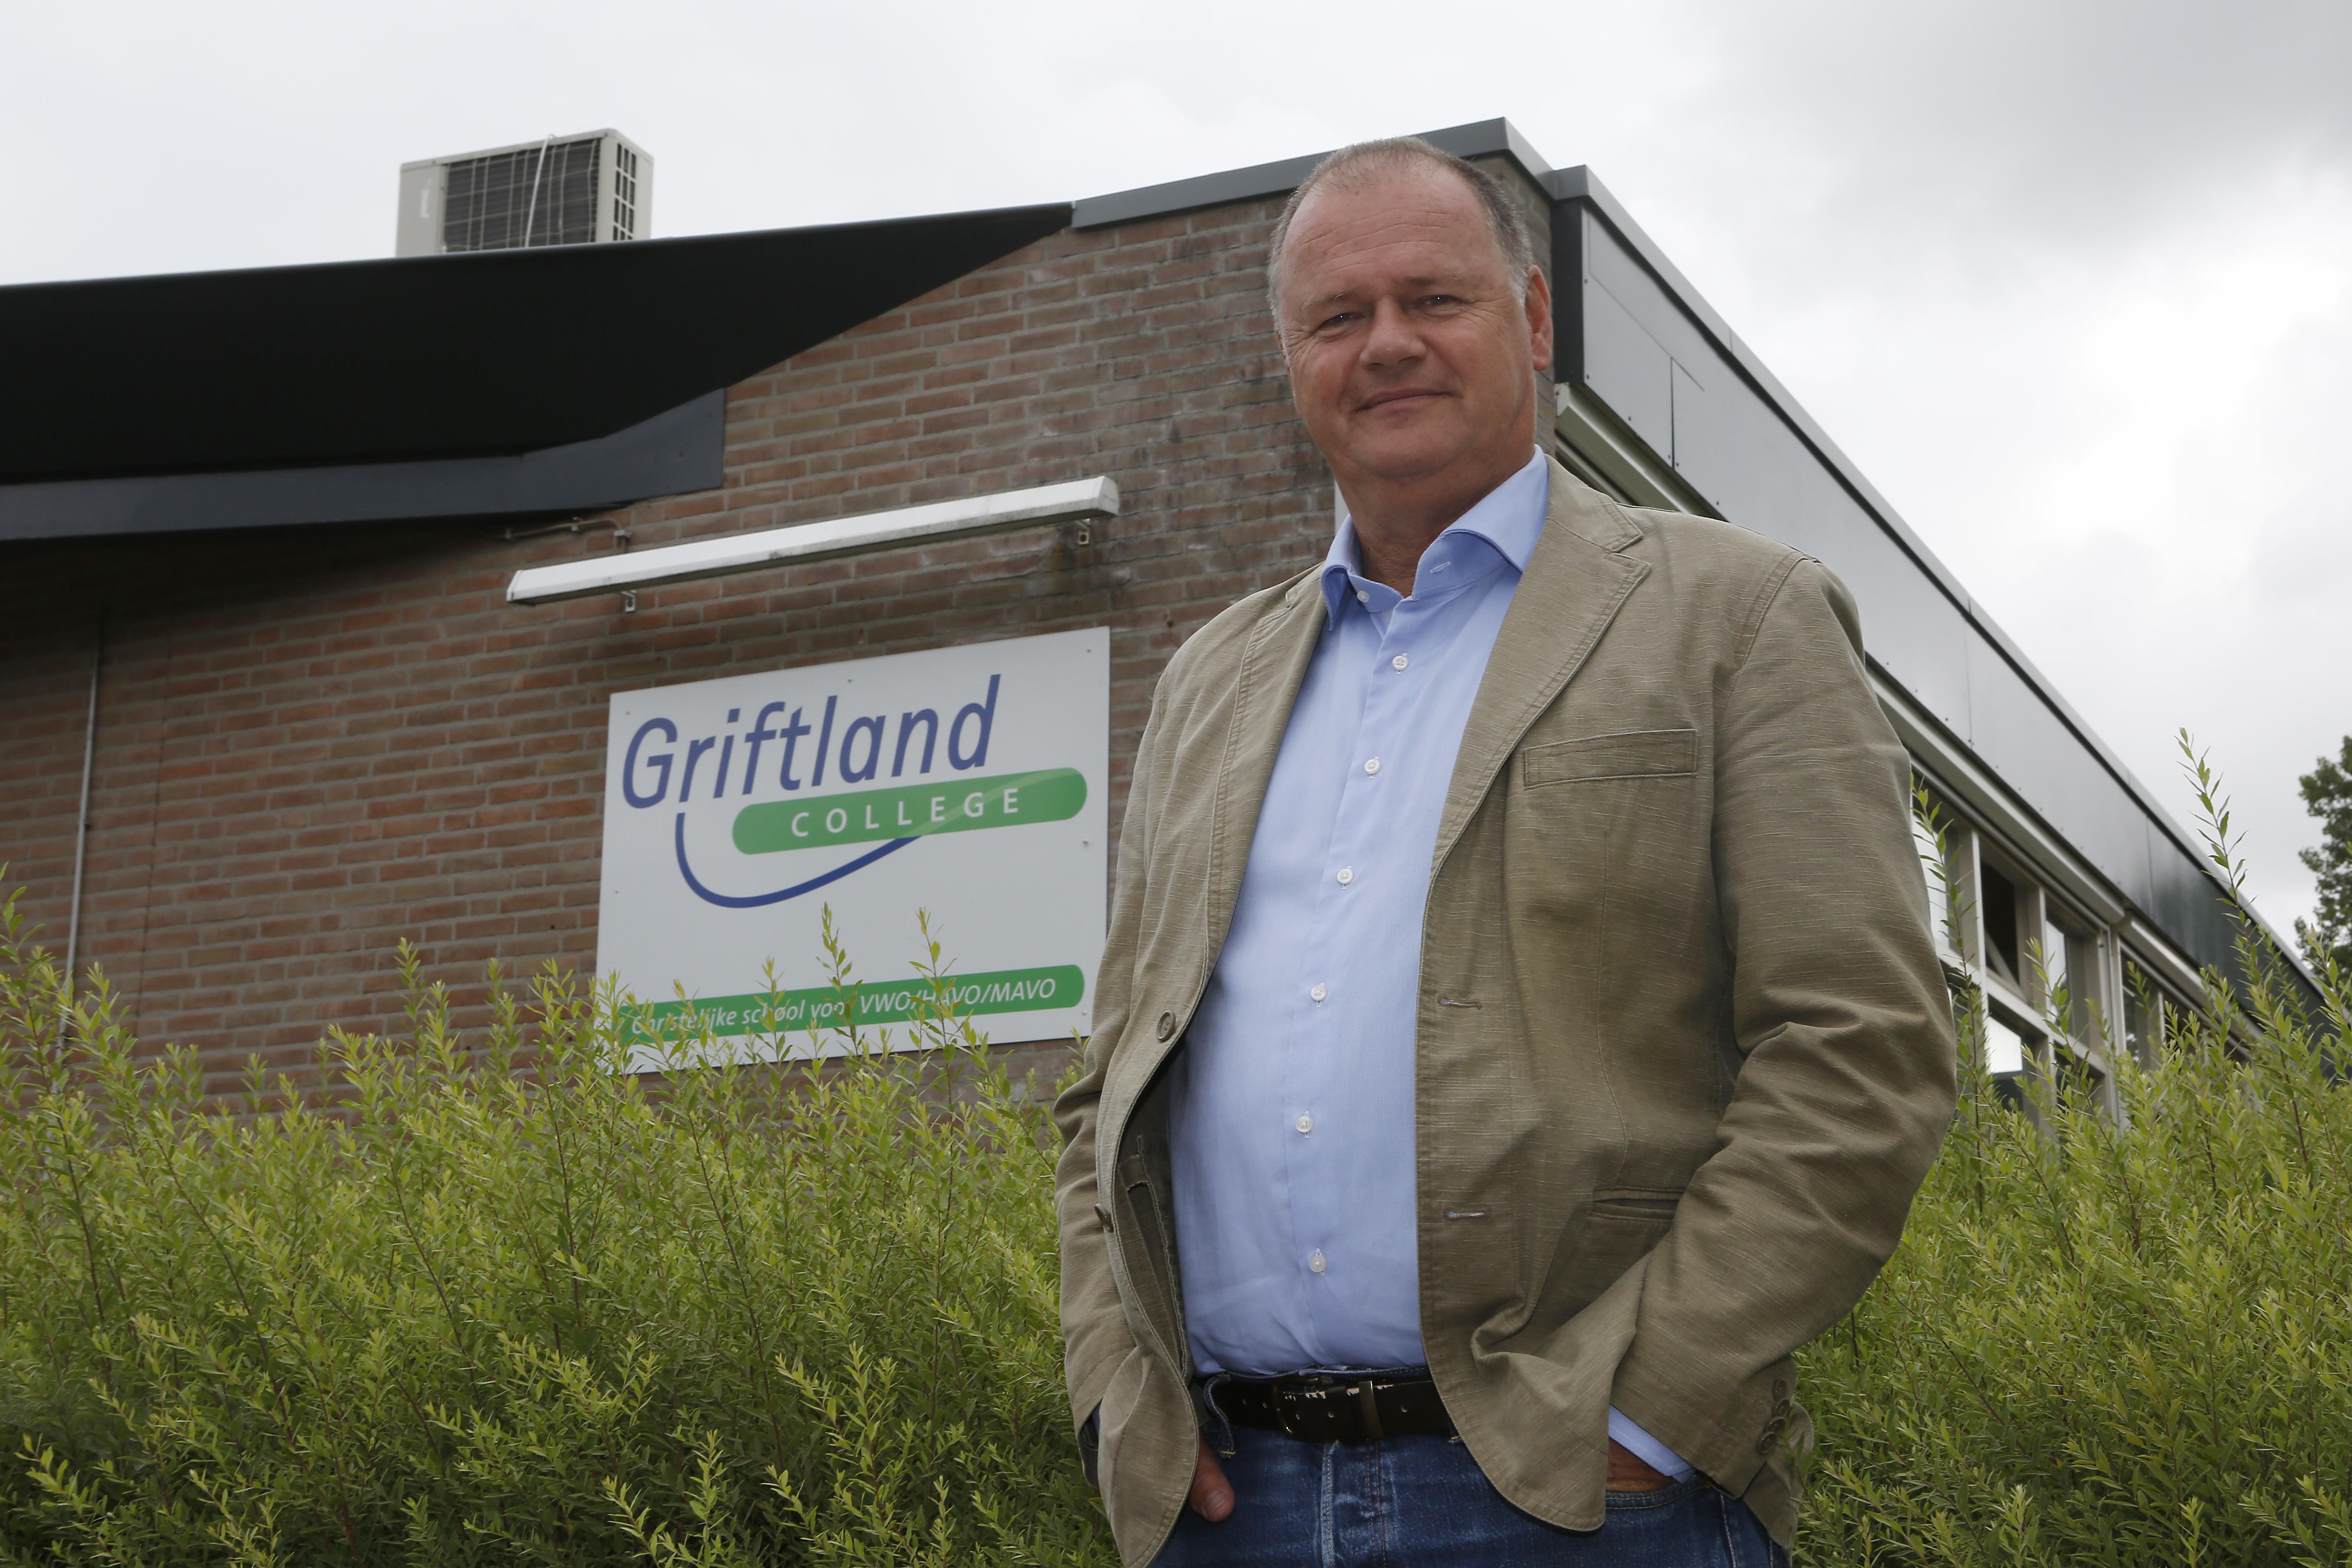 Griftland College in Soest stuurt uit voorzorg alle 6 VWO klassen naar huis vanwege corona; Zeven leerlingen en vier medewerkers inmiddels besmet